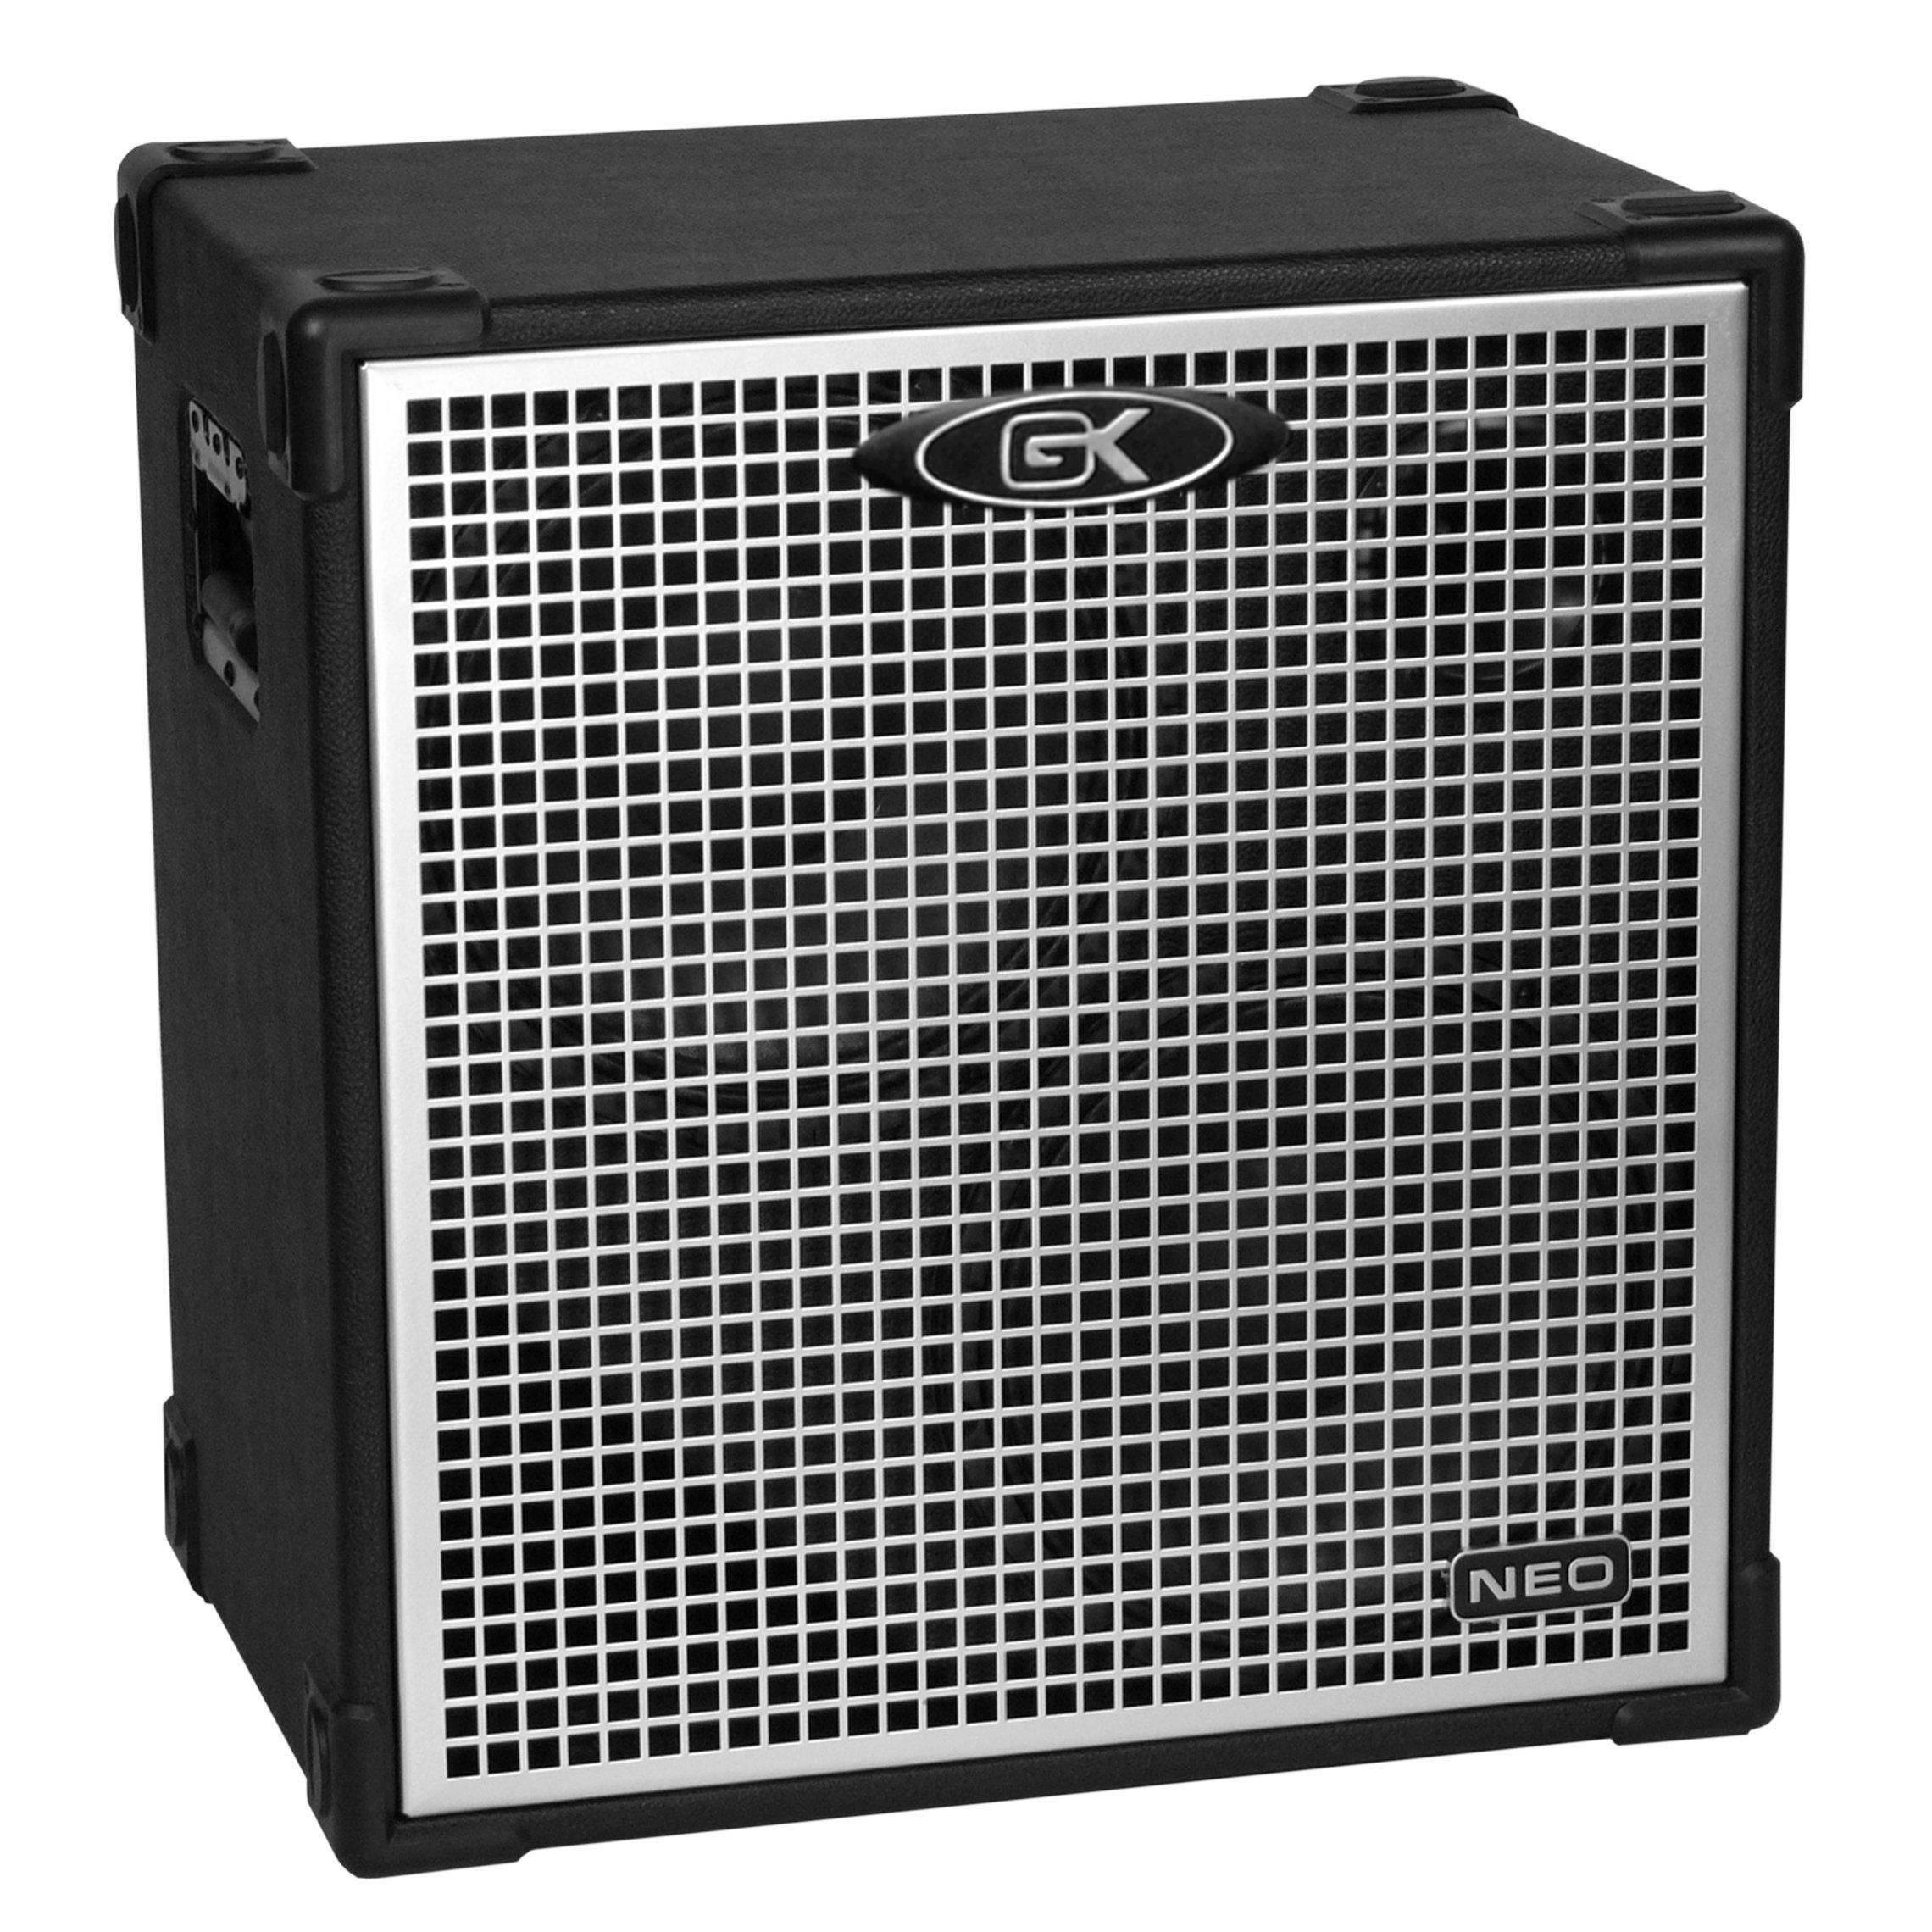 Gallien-Krueger Neo 212-II Bass Guitar Cabinet (600 Watt) by Gallien-Krueger